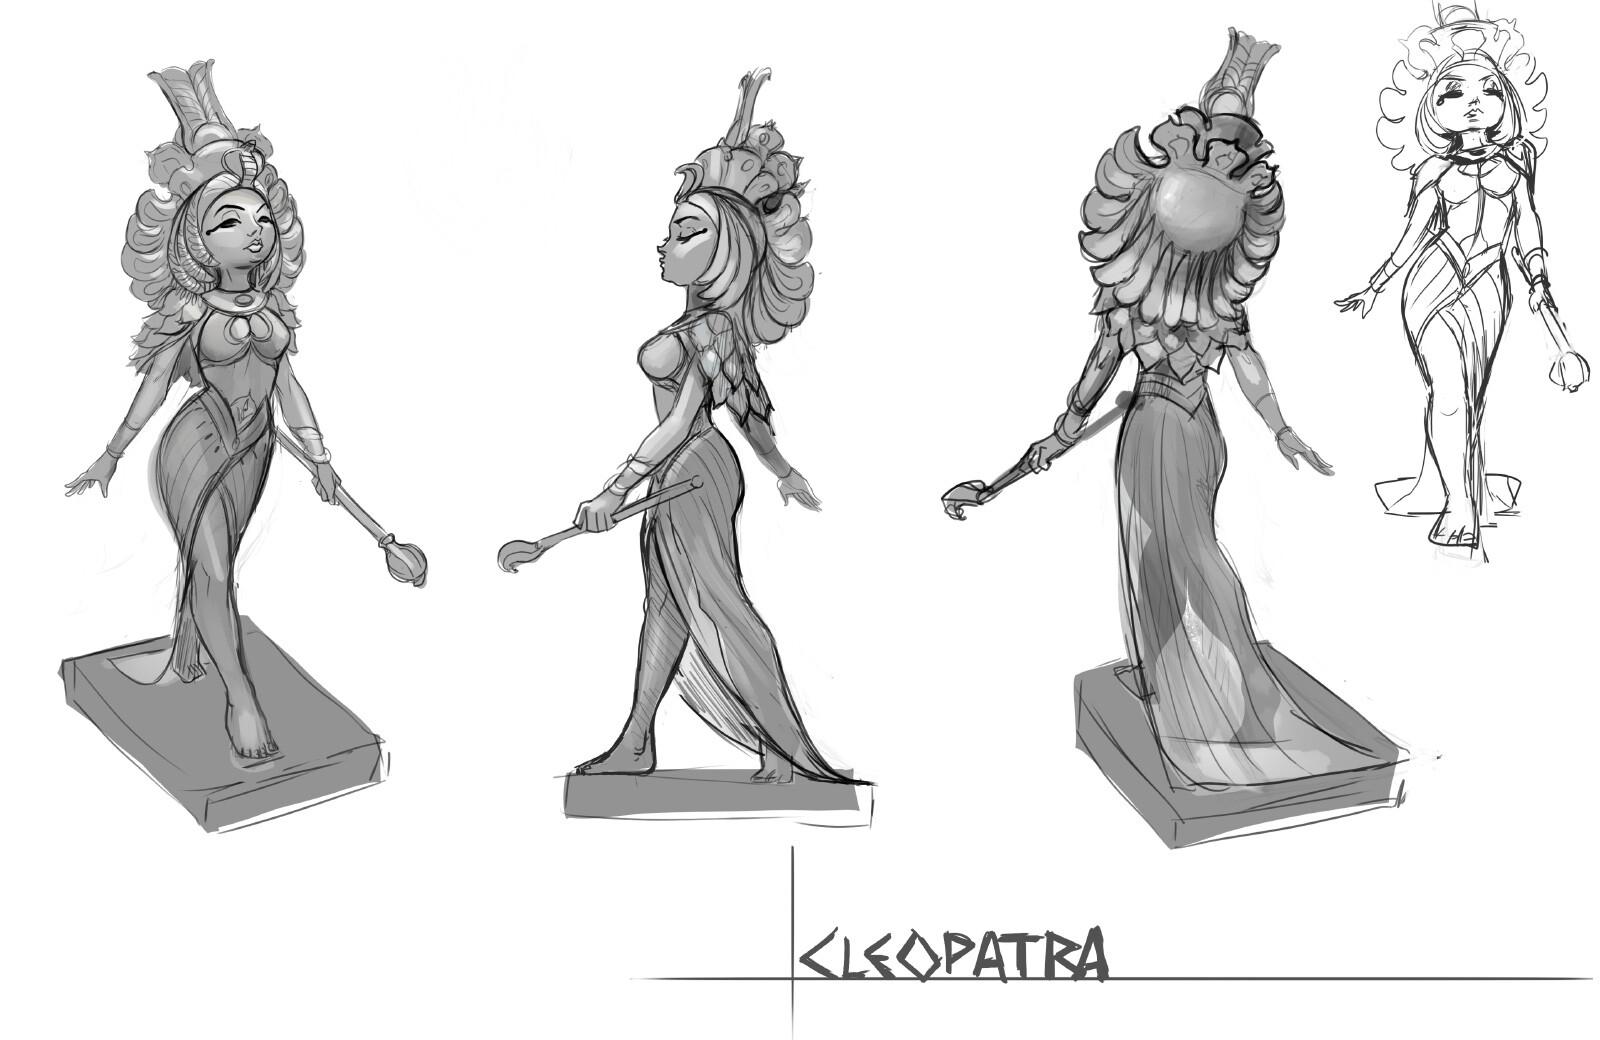 cleopatra concept